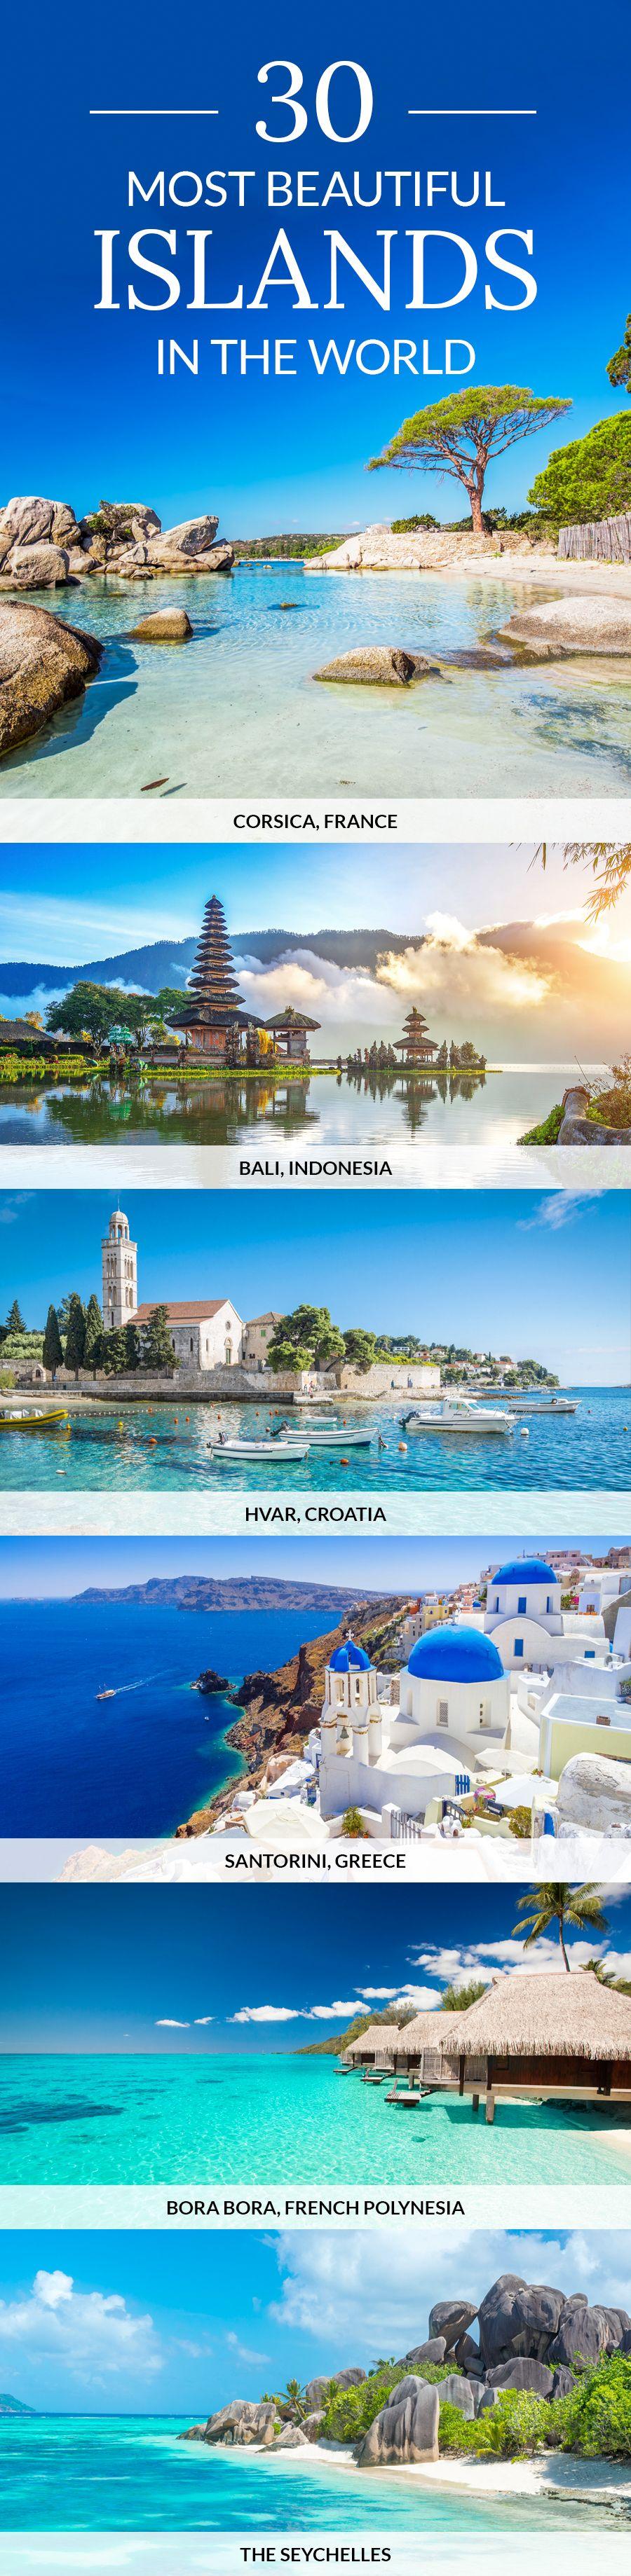 From Bali to Bora Bora here are